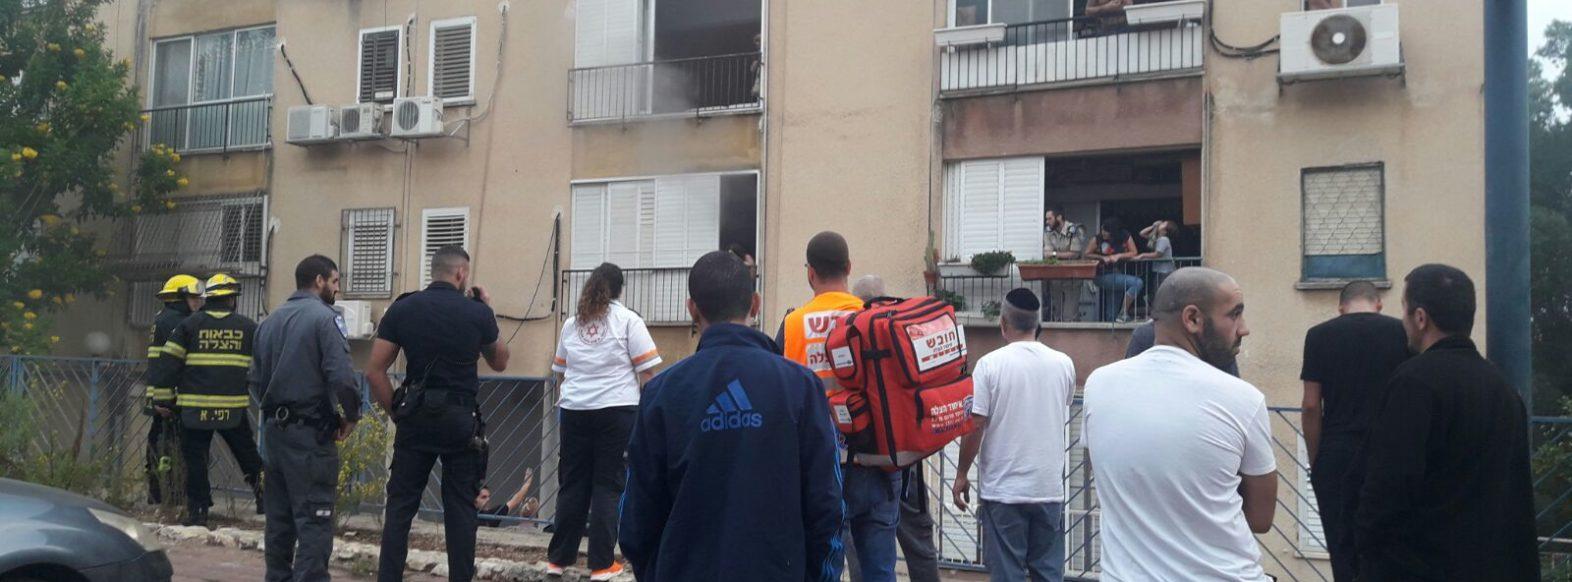 שריפה בבניין מגורים ברחוב מינץ בקריית אתא